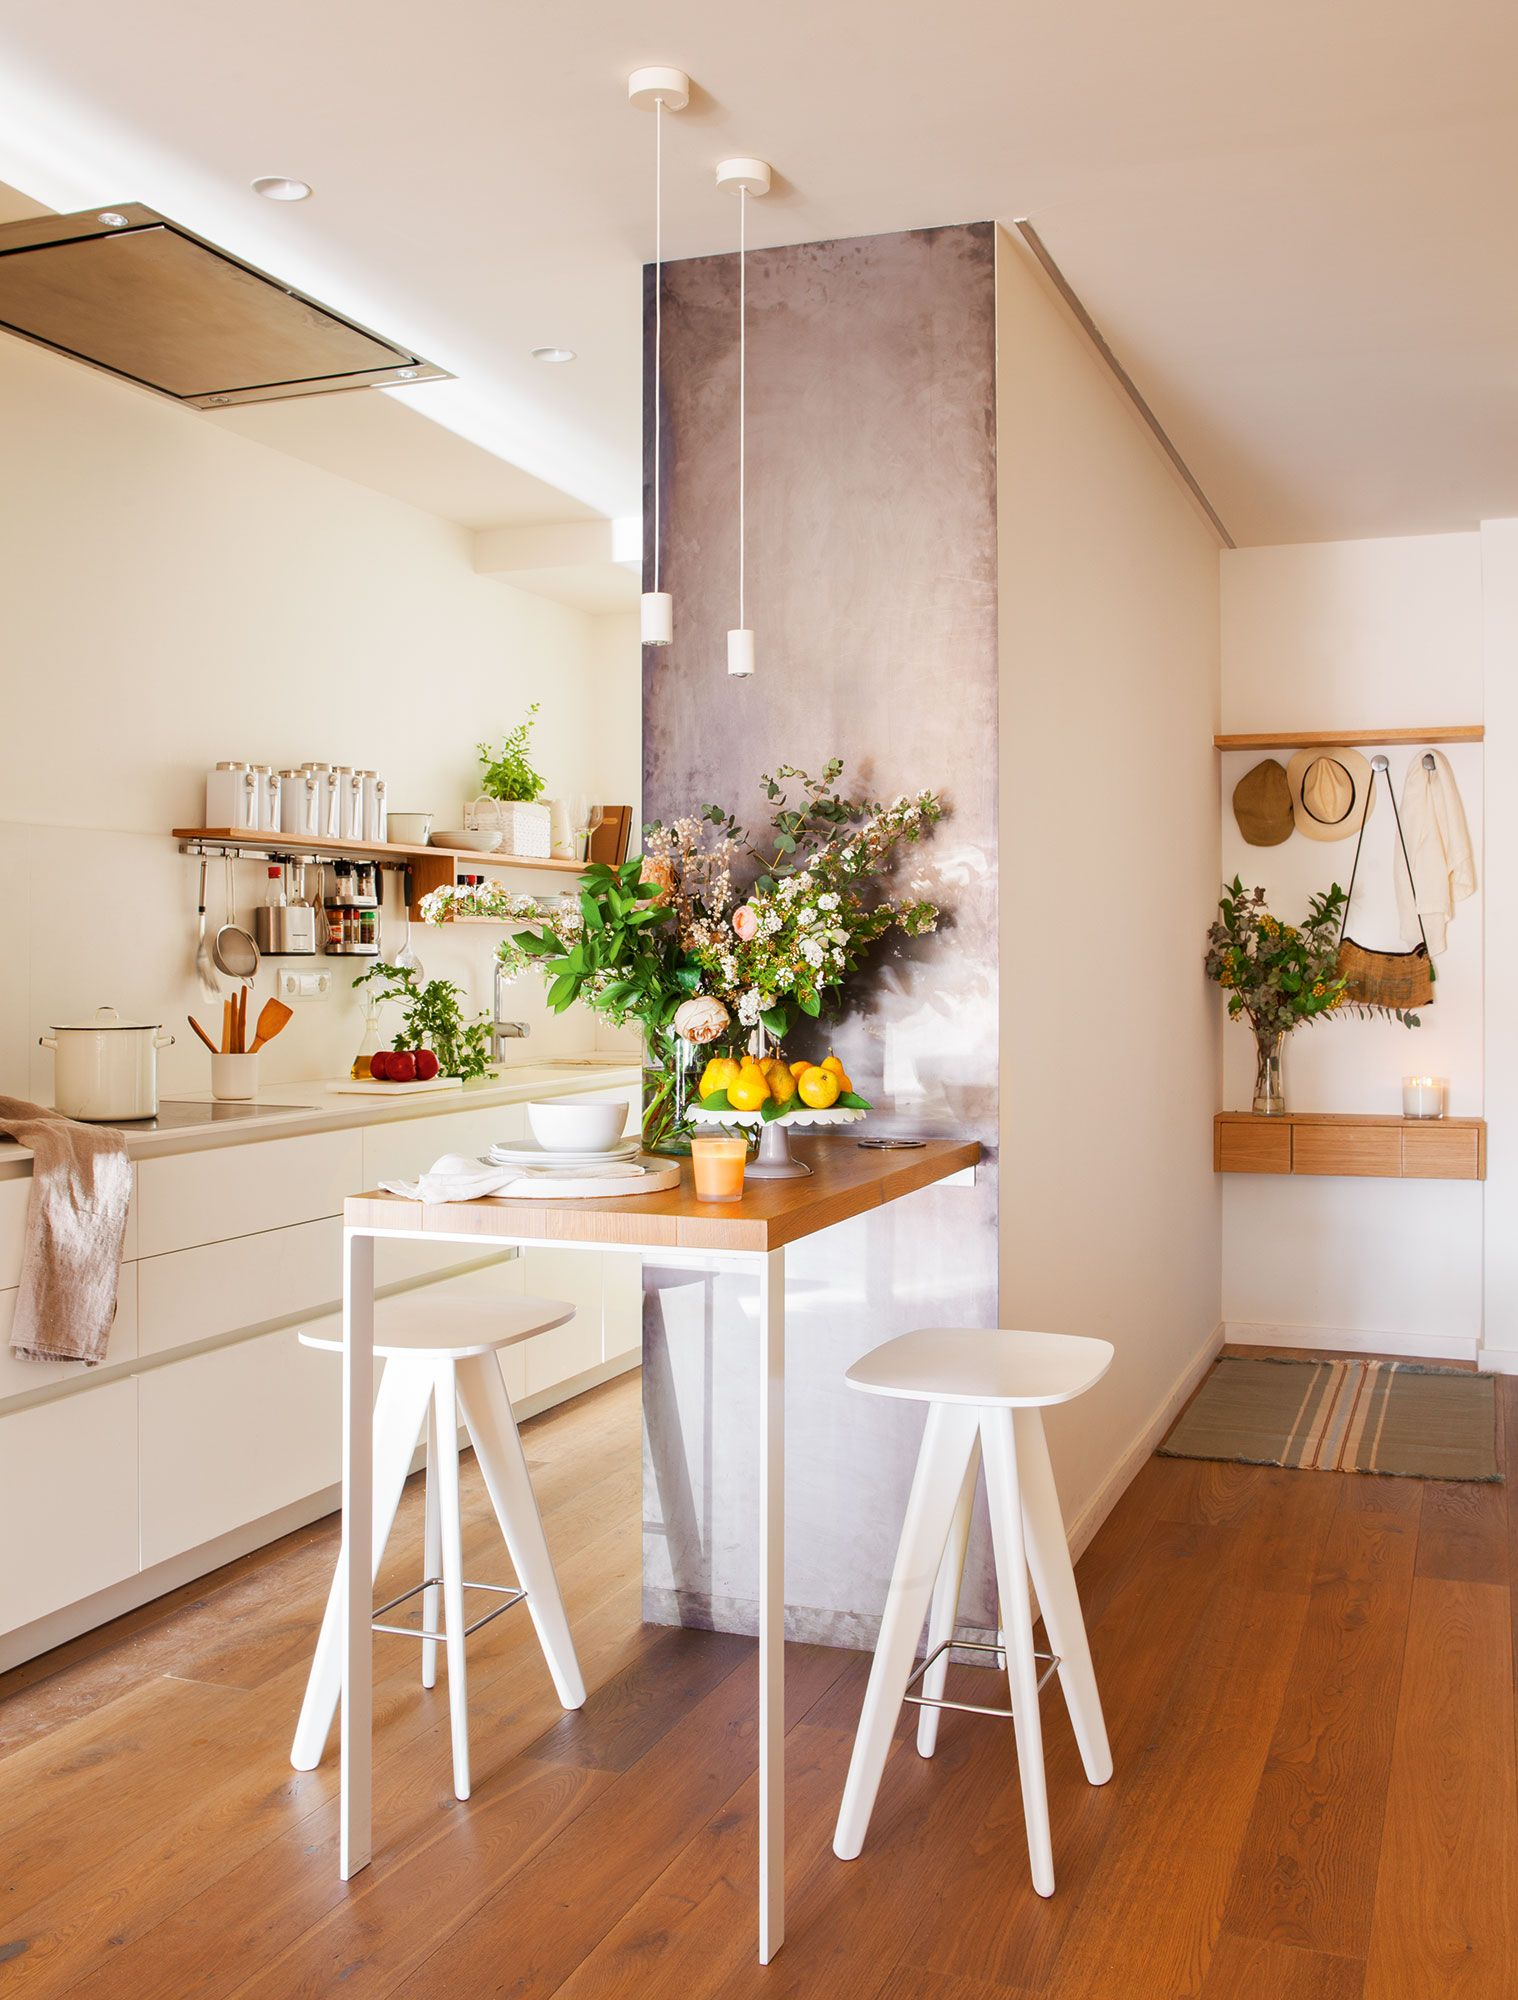 La cocina muebles de cesar en vivestudio barra dise o - Campana de cosina ...